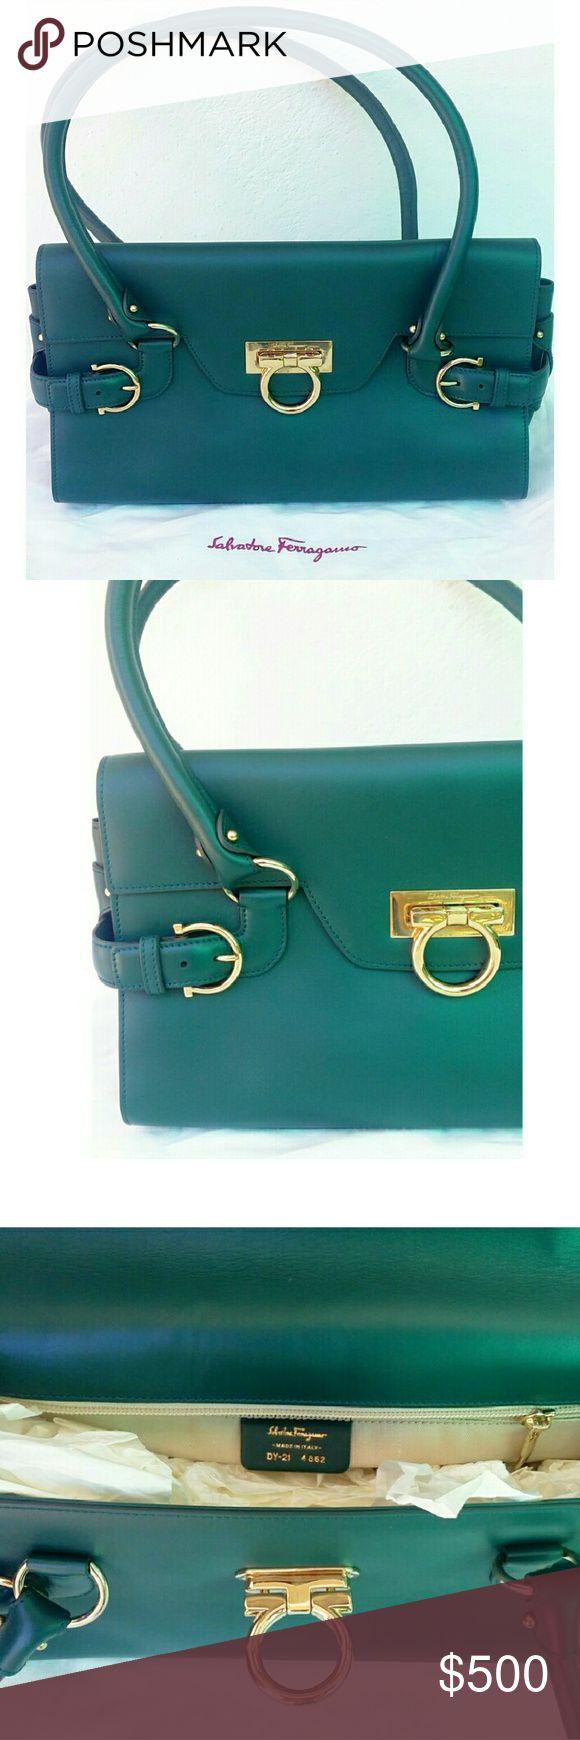 Salvatore Ferragamo Green Shoulder Bag Authentic Salvatore Ferragamo Shoulder Bag in mint condition.   *includes dust cover* Salvatore Ferragamo Bags Shoulder Bags